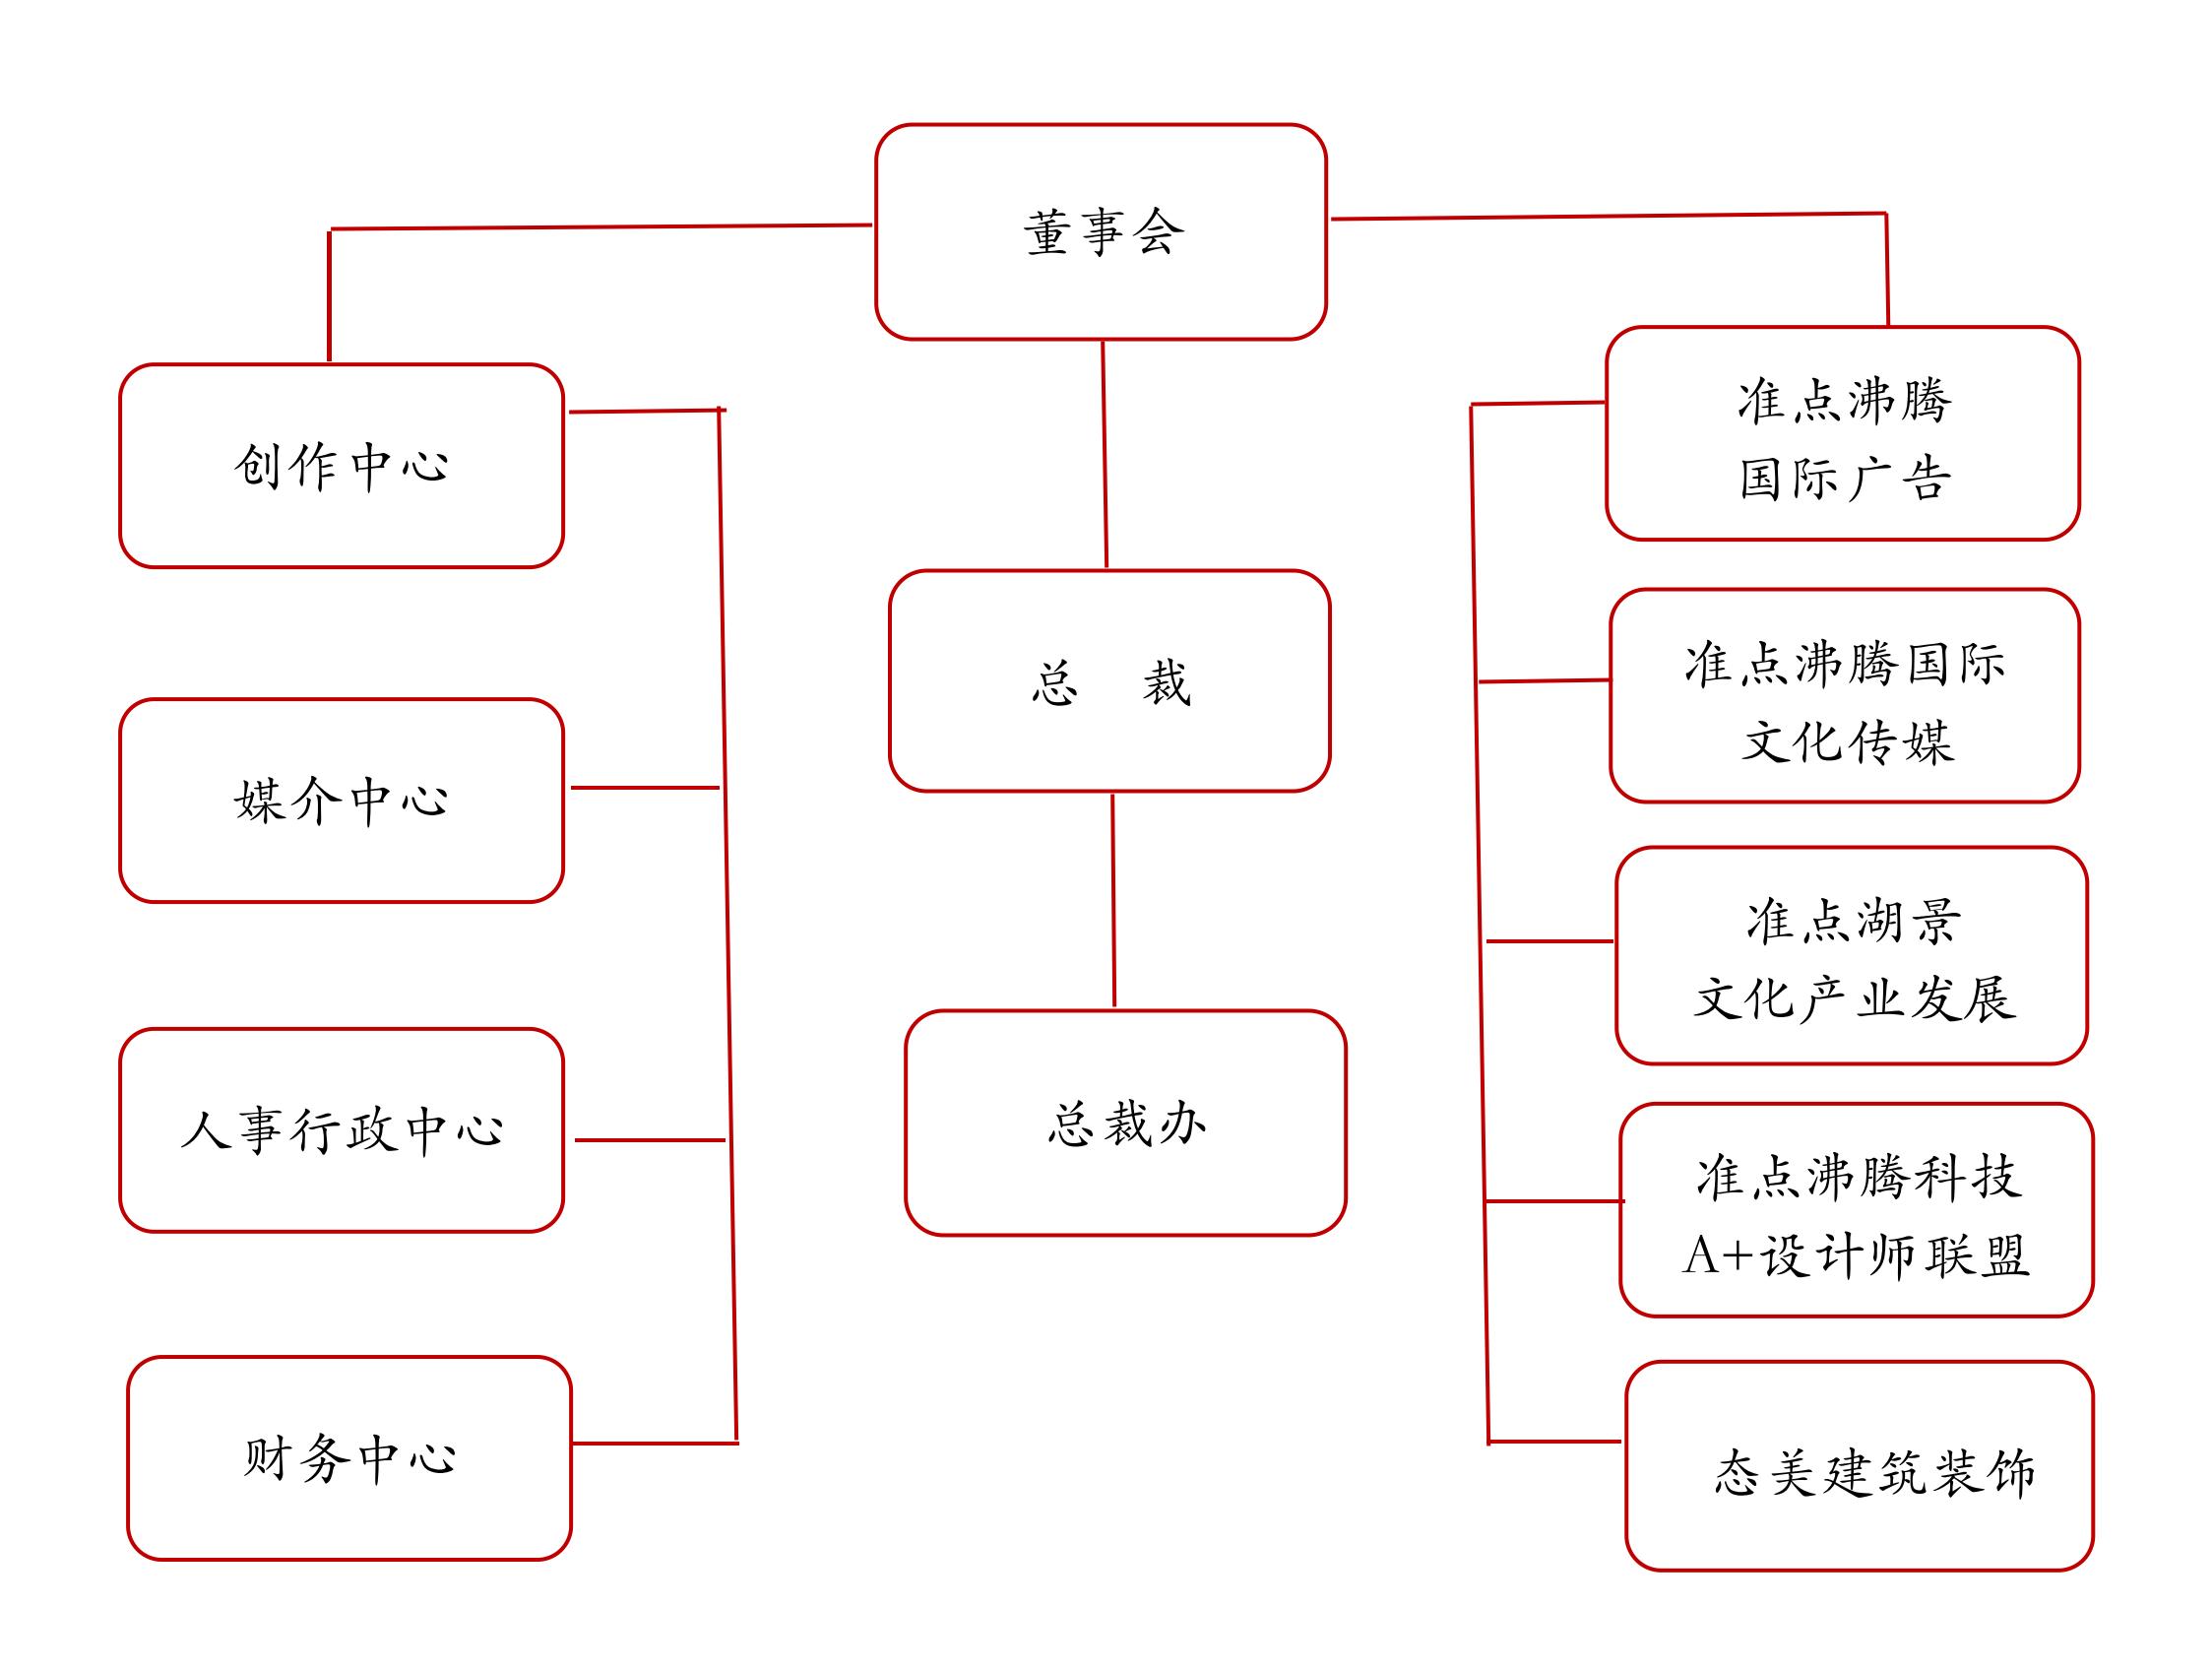 传播机构组织结构图网站版20190927_00